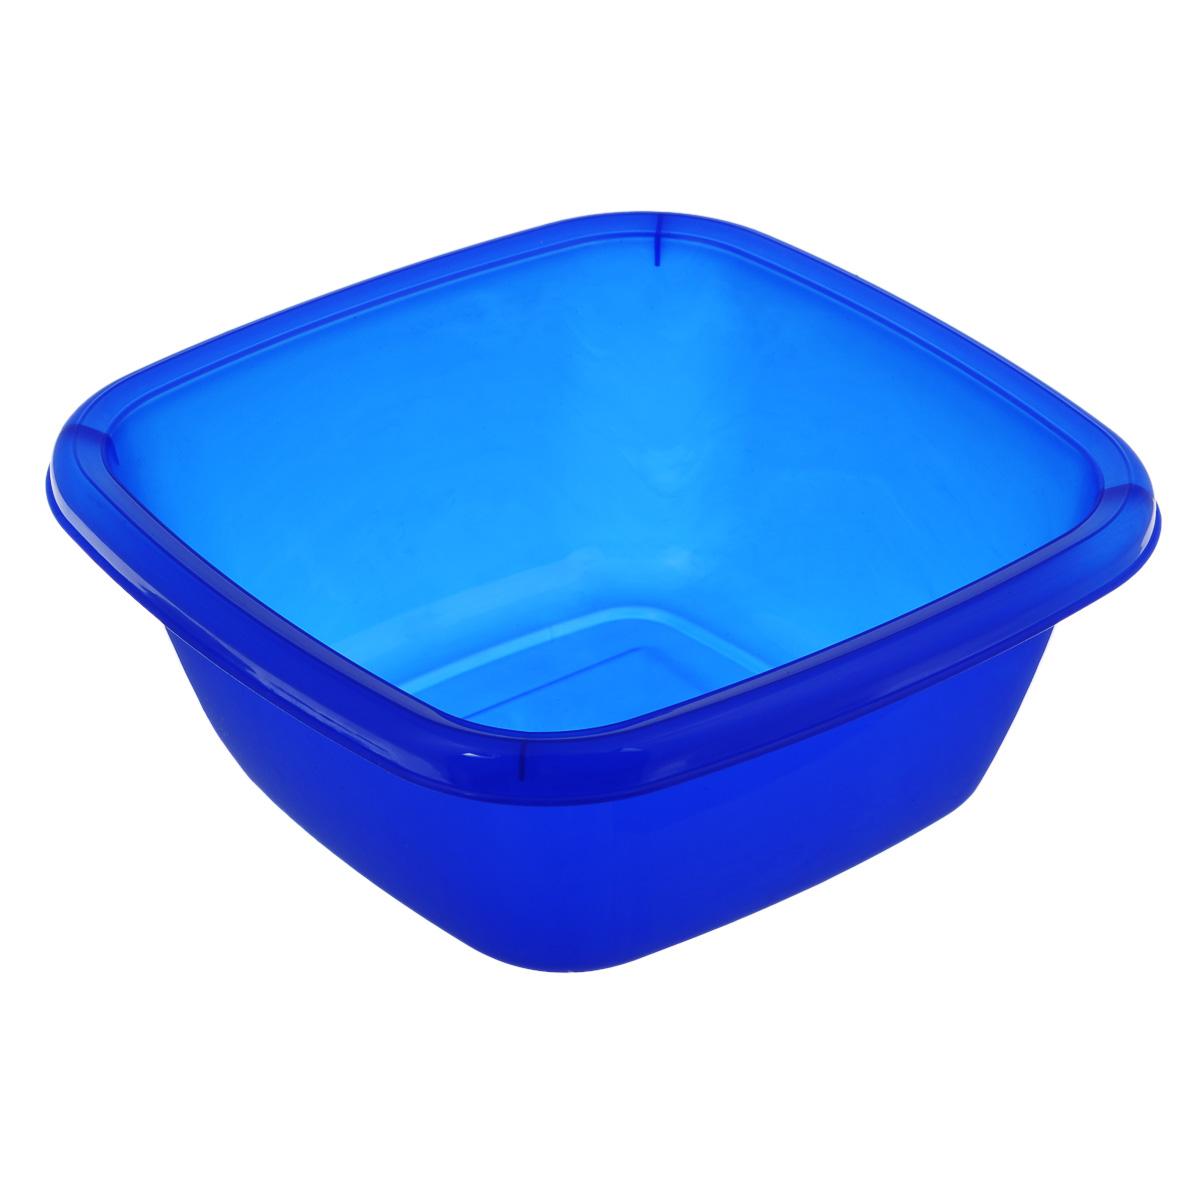 Таз Dunya Plastik, цвет: синий, 4 л. 1011610116Квадратный таз Dunya Plastik выполнен из прочного пластика. Он предназначен для хранения разных вещей и бытовых мелочей. По бокам имеются специальные углубления, которые обеспечивают удобный захват. Такой таз пригодится в любом хозяйстве.